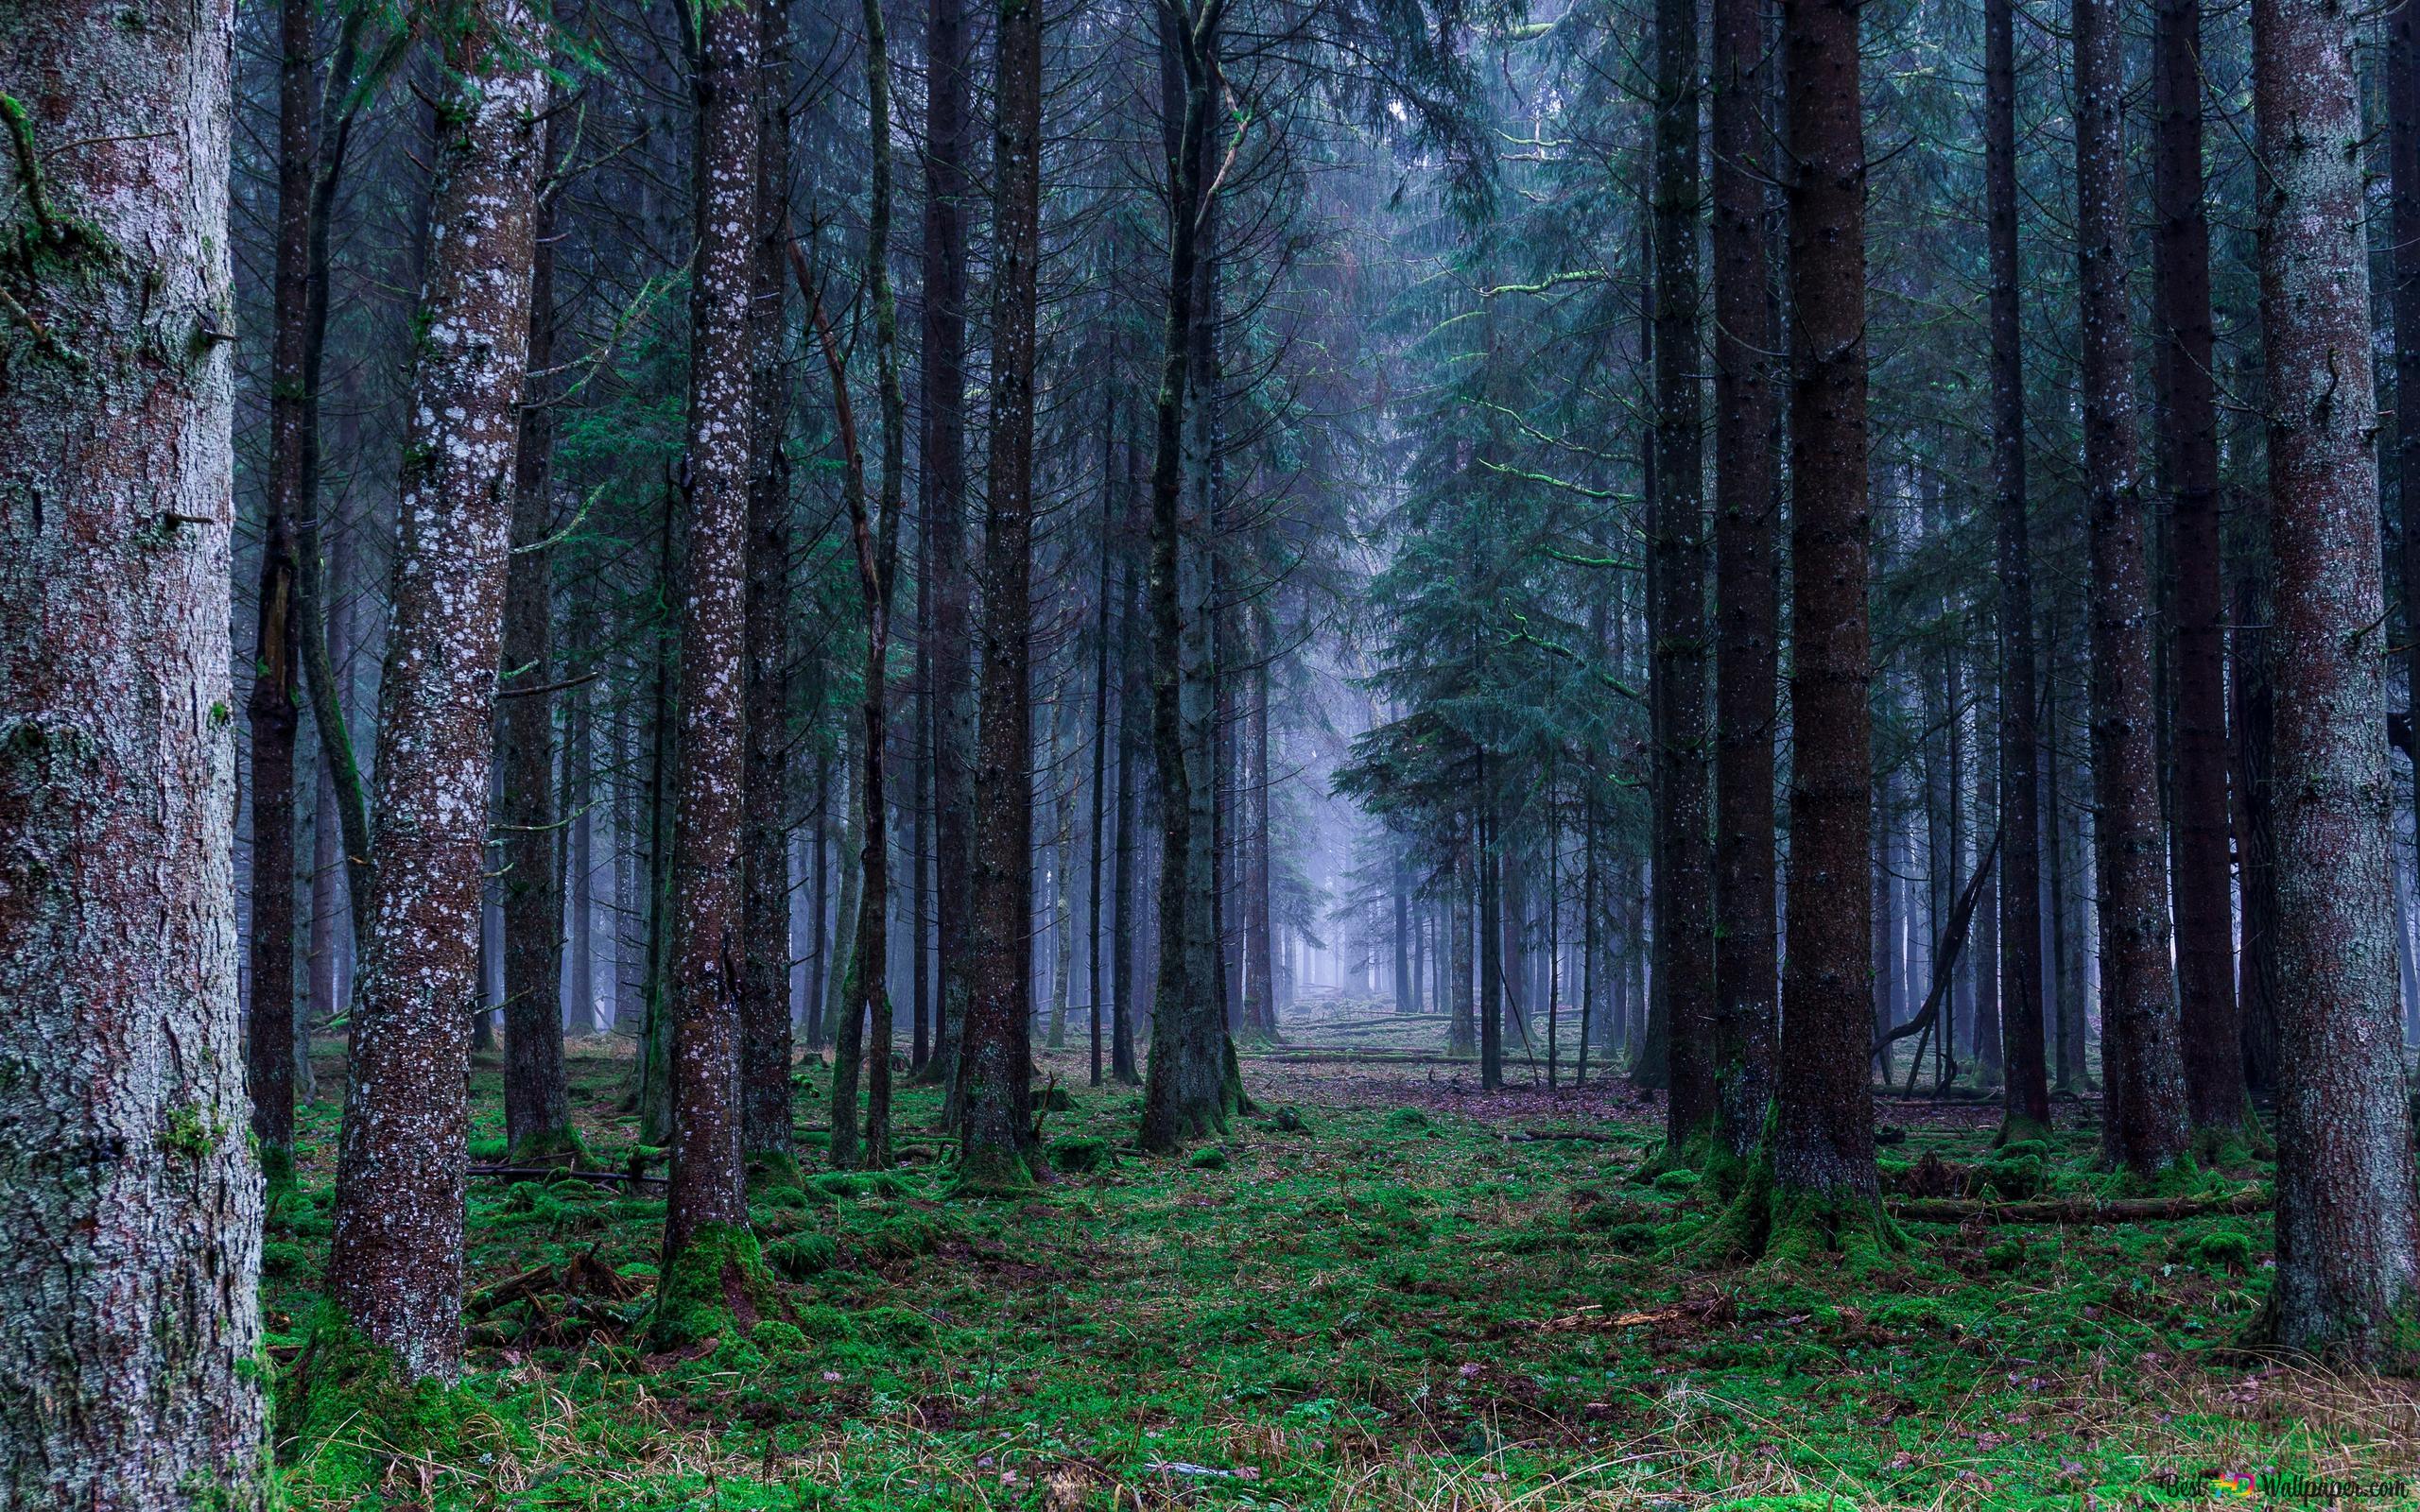 雨の森 Hd壁紙のダウンロード